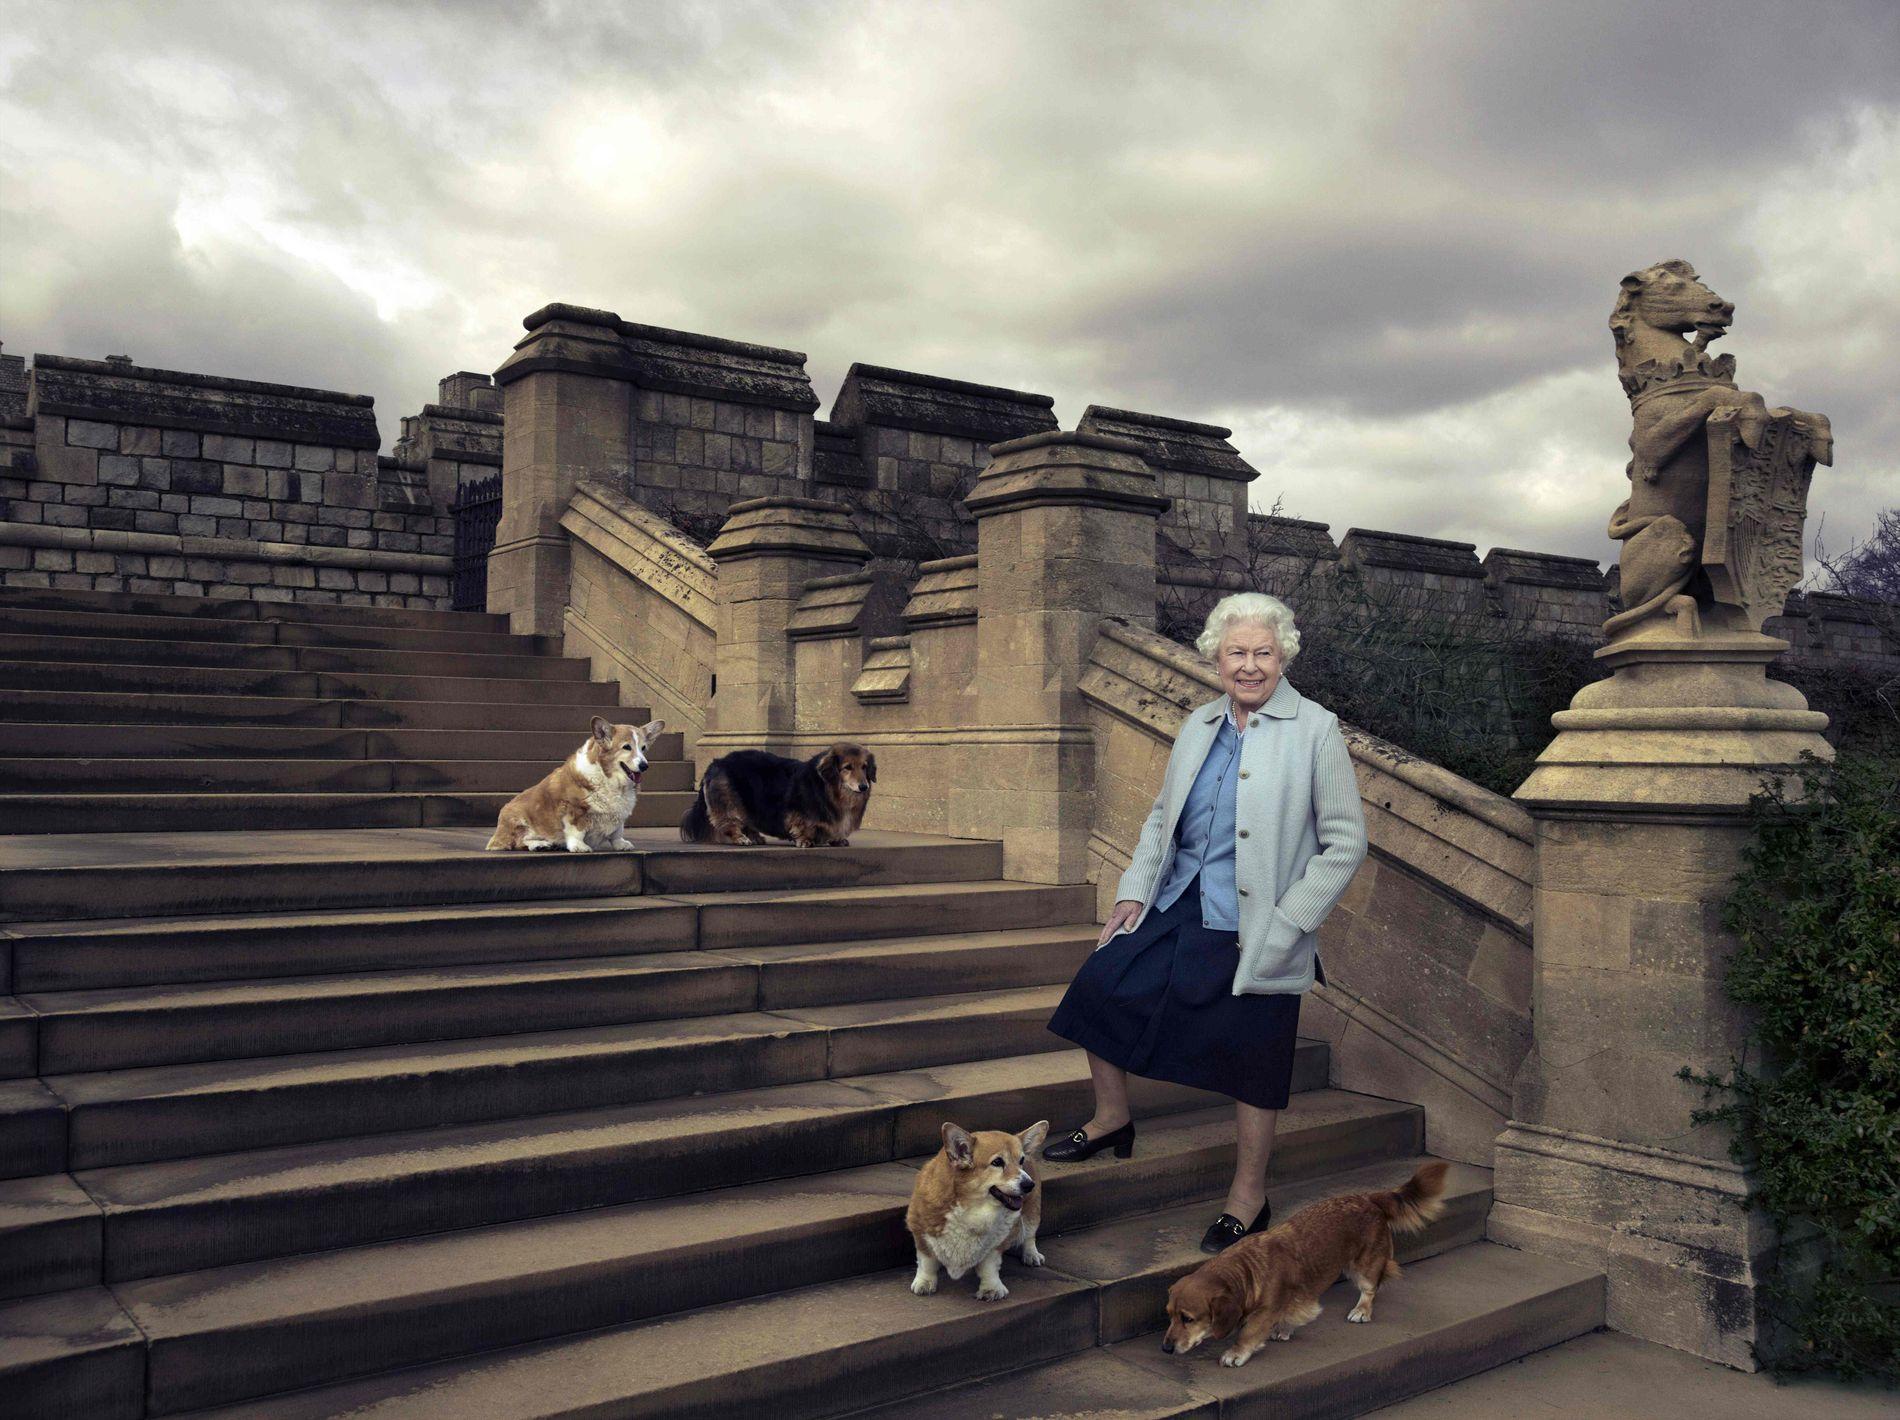 EN EPOKE ER OVER: Søndag døde den aller siste av dronning Elizabeths corgier, Willow, øverst til venstre.  Holly, nederst til venstre ved siden av dronningen døde i 2016. Nå er det bare de to dorgiene Vulcan og Candy igjen av dronningens hunder.